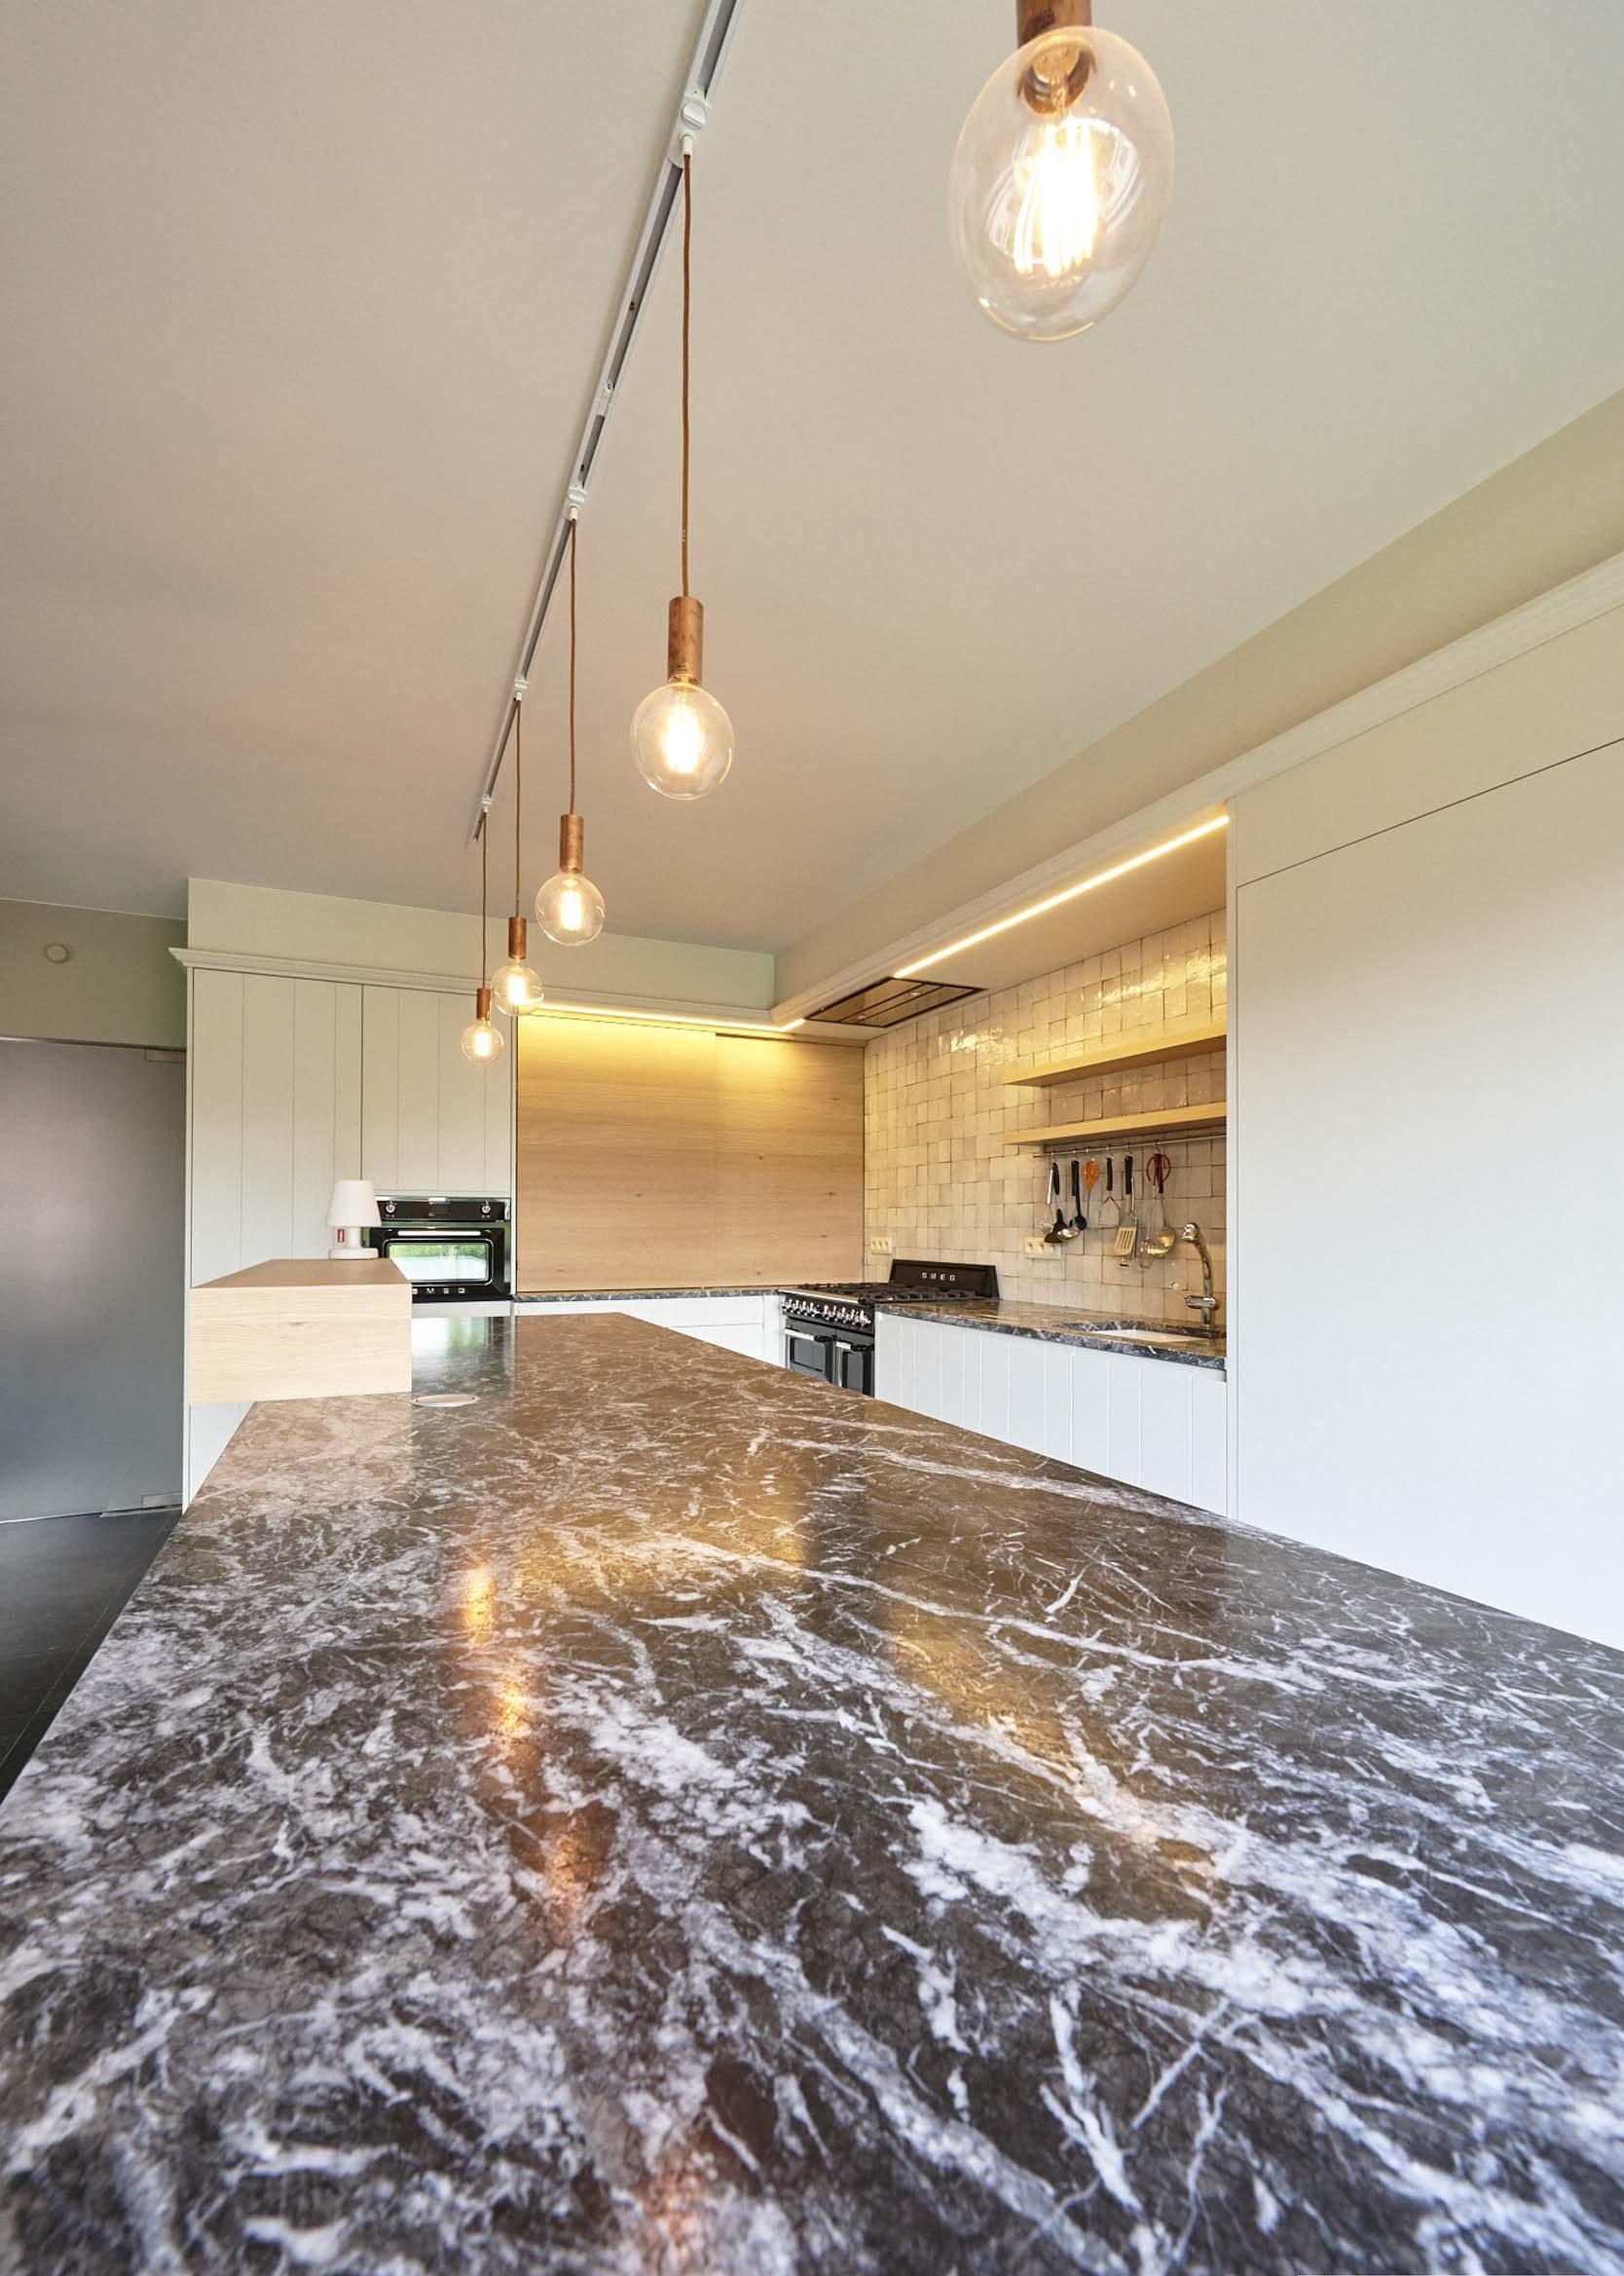 Vanda-projects-interieurinrichting-meubelmakerij-oost-vlaanderen-dumoulin-marmer-keuken